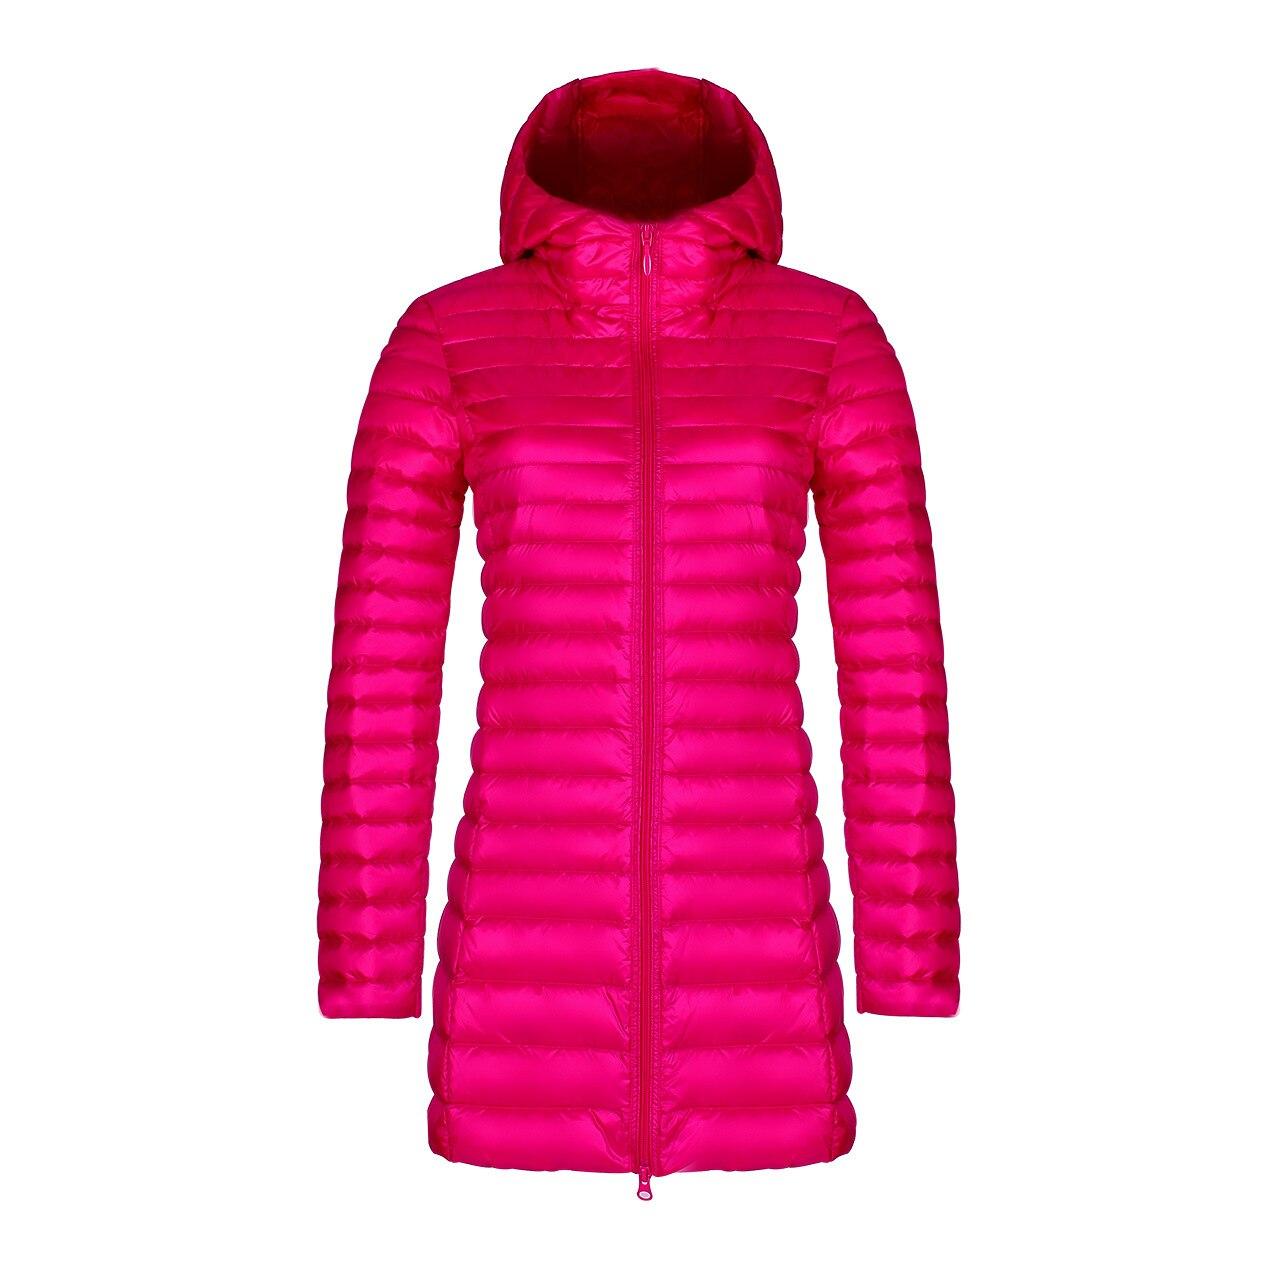 Winter Hooded Down Jackets Women Down Coats Elegant Warm Jacket Ultra Light 90% Duck Hood Down Parka Female